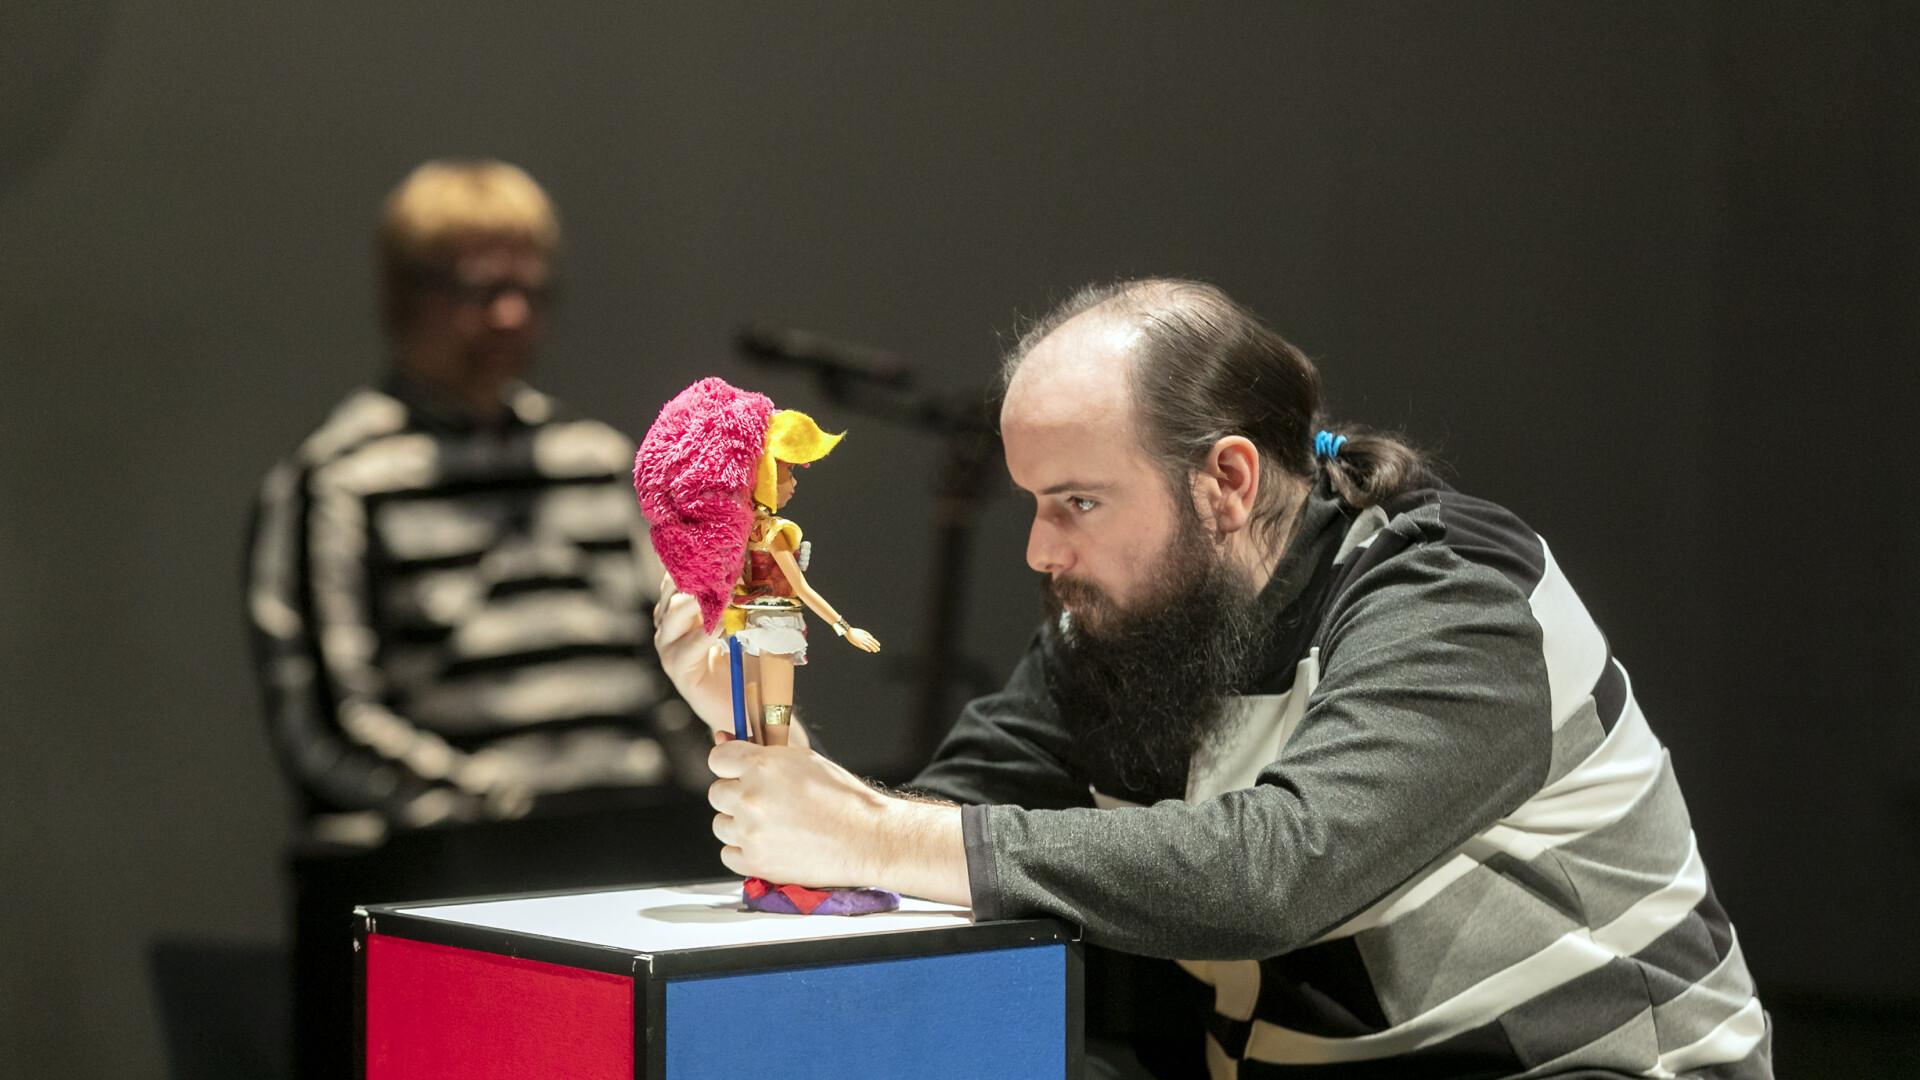 Szenenfoto einer Auffuehrung: Ein Mann schaut eine Puppe an auf einer Buehne